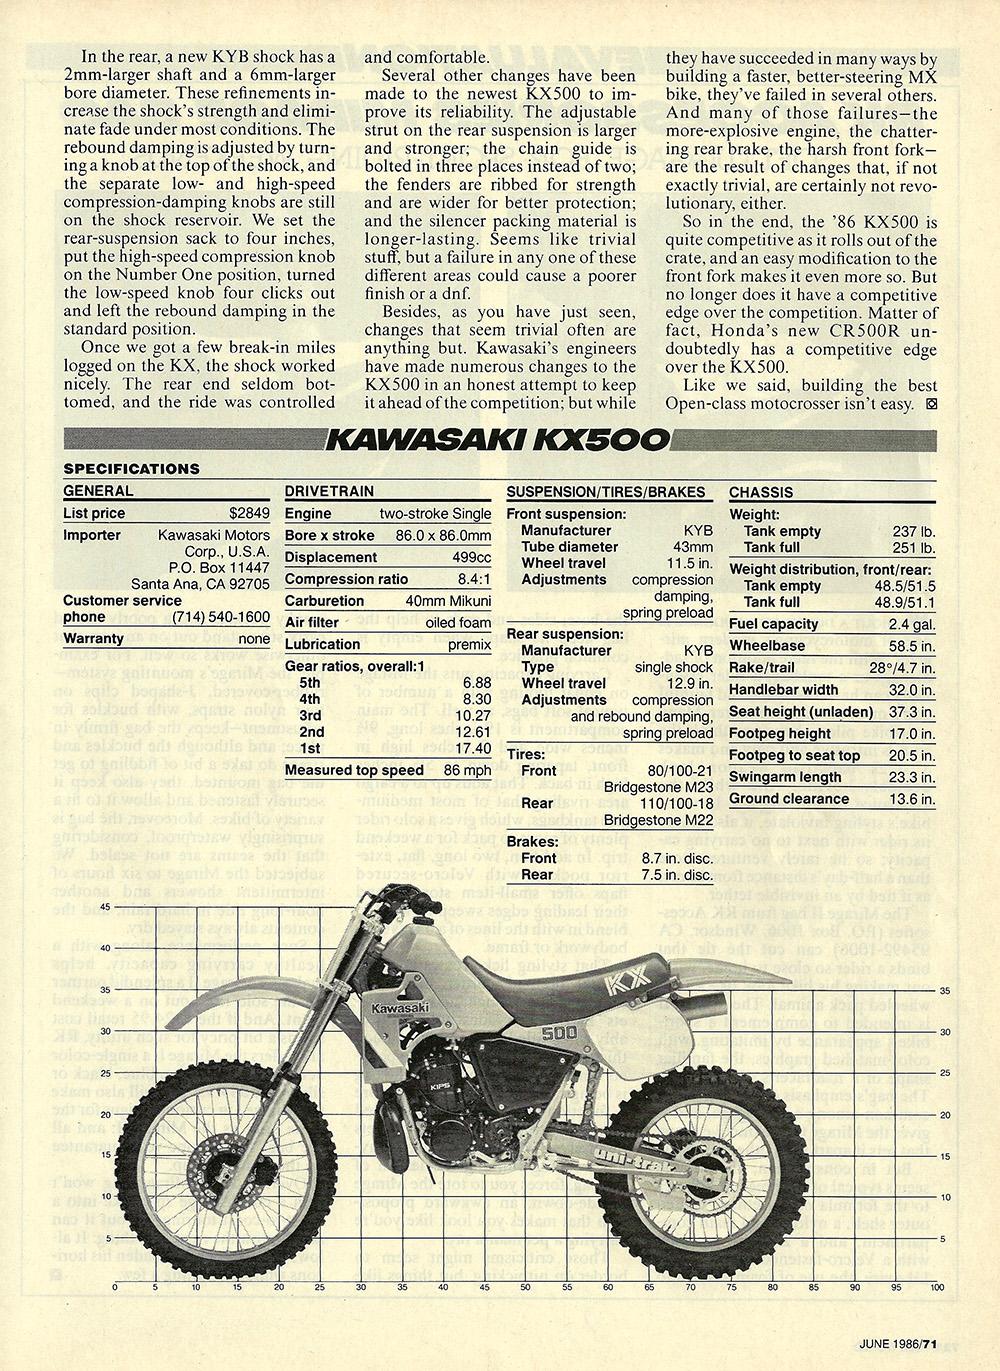 1986 Kawasaki KX500 road test 04.jpg